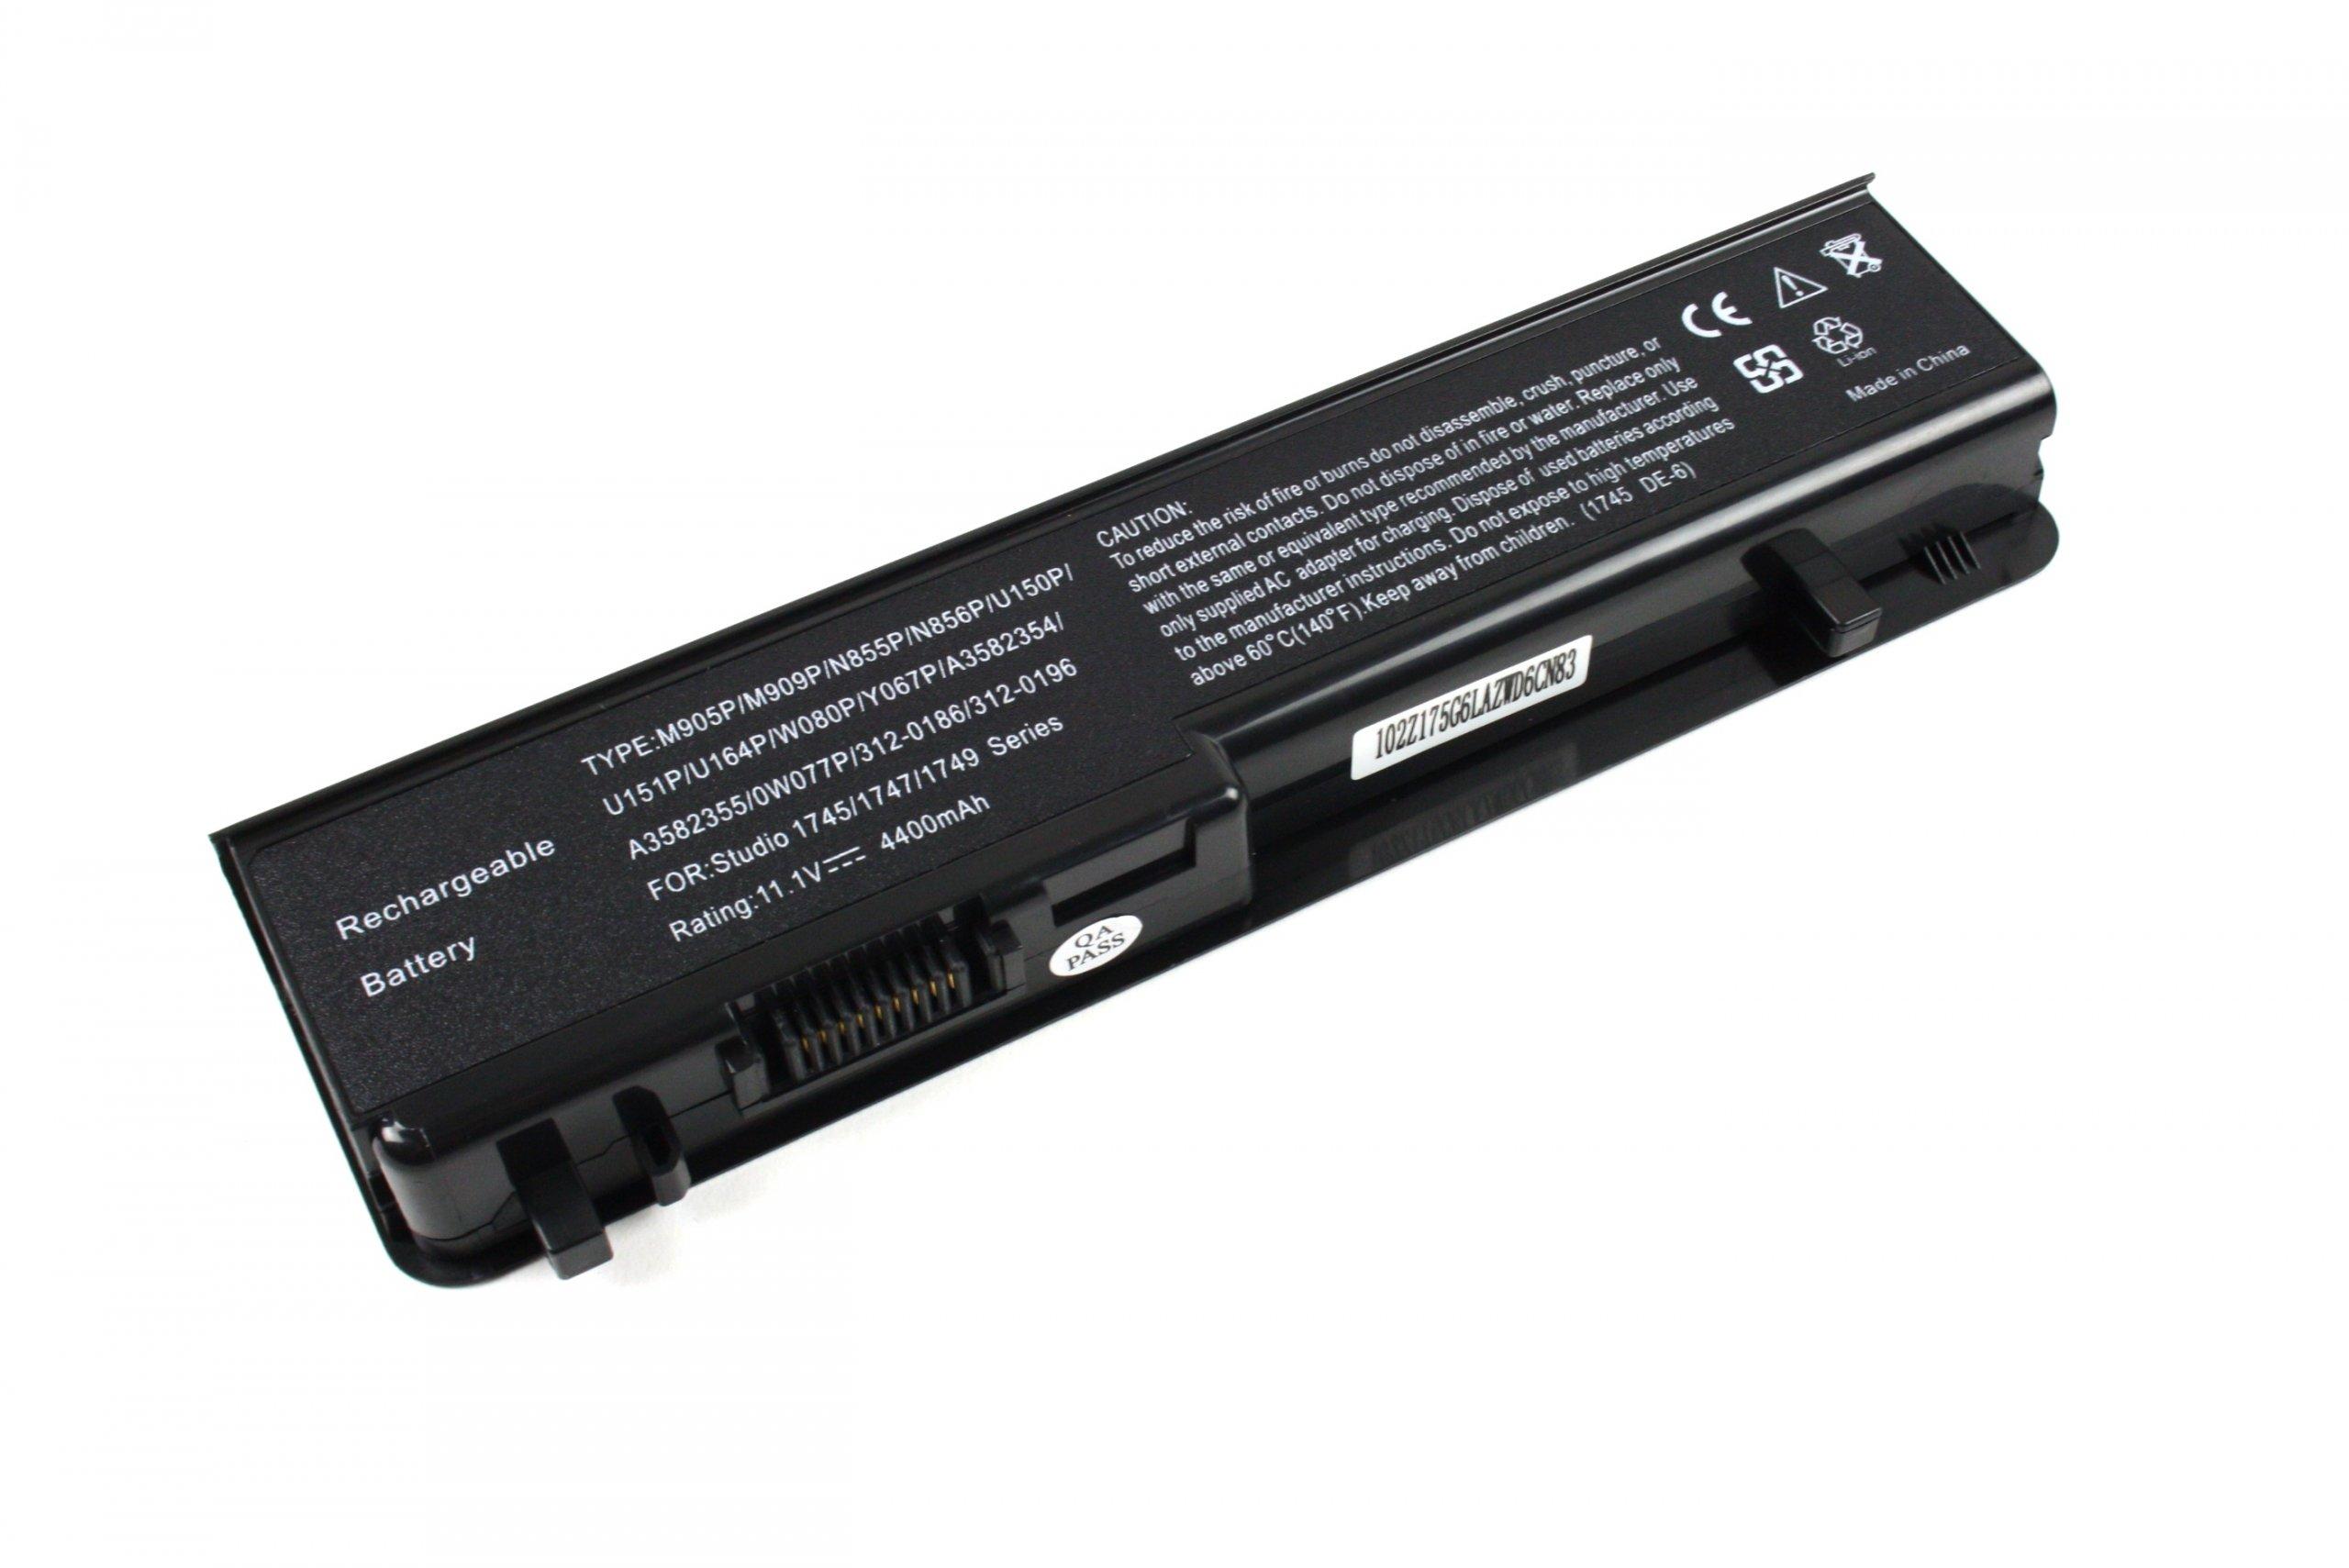 BATERIA AKUMULATOR DELL STUDIO 17 1745 1747 1749 U150P U164P - Baterie do laptopów